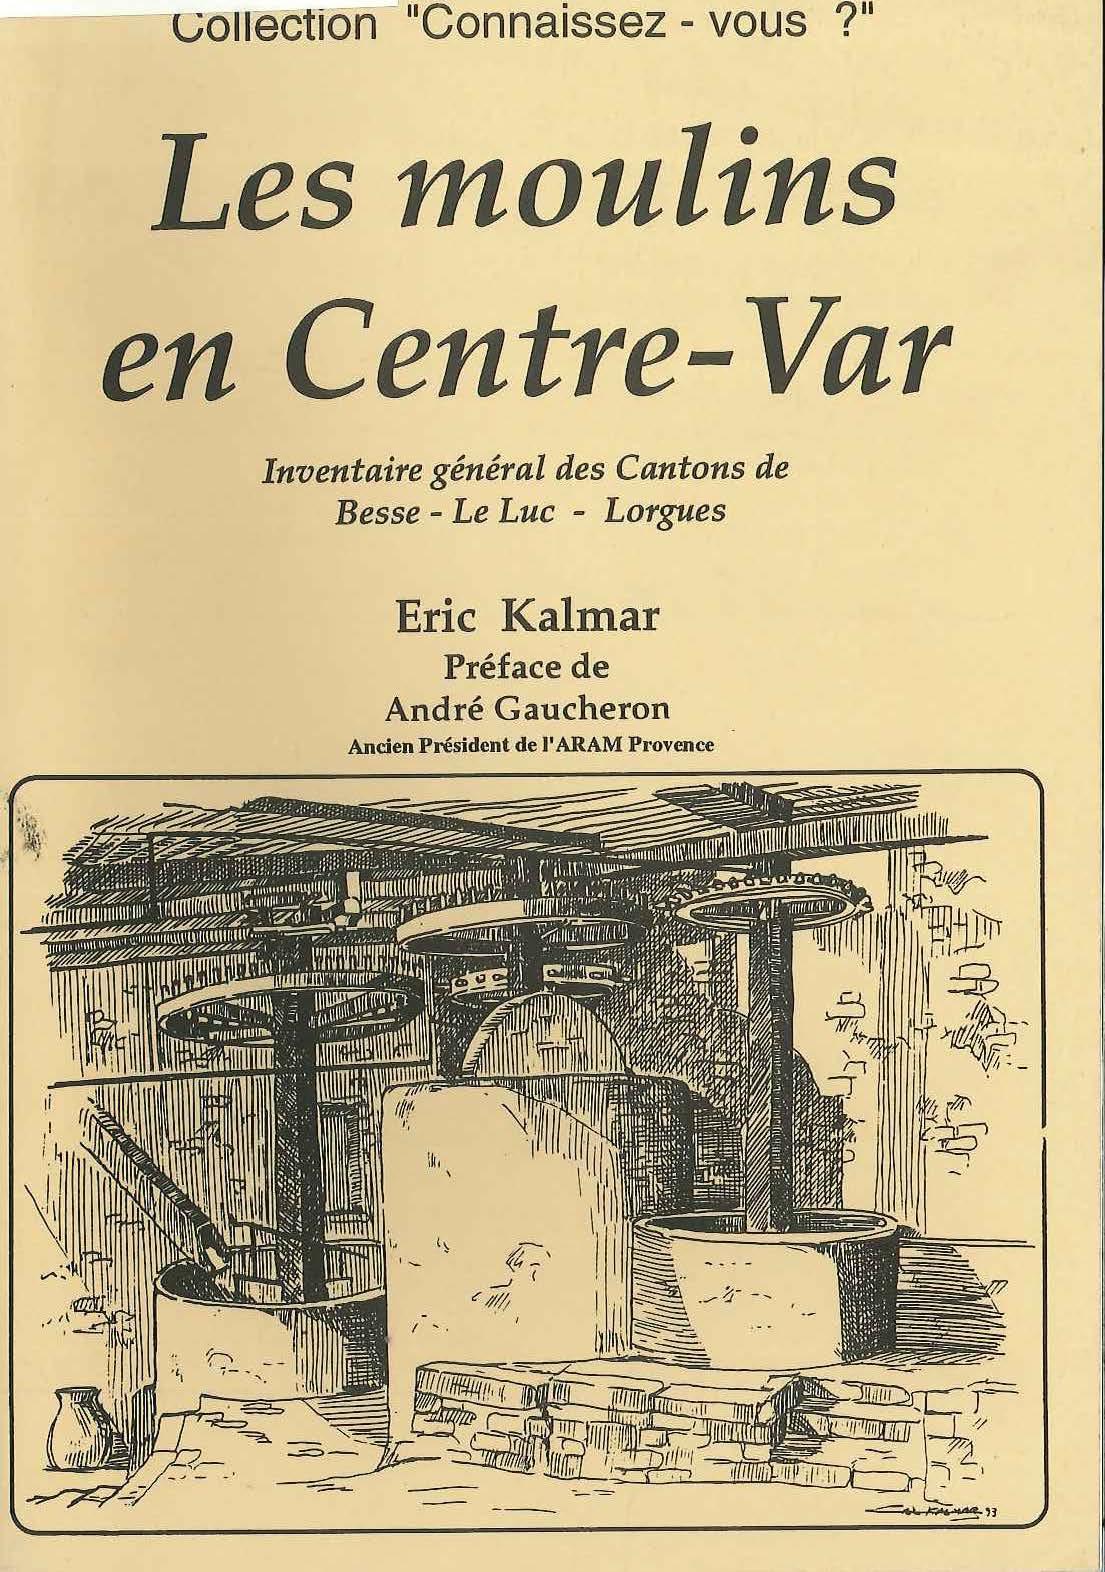 Les moulins en Centre-Var